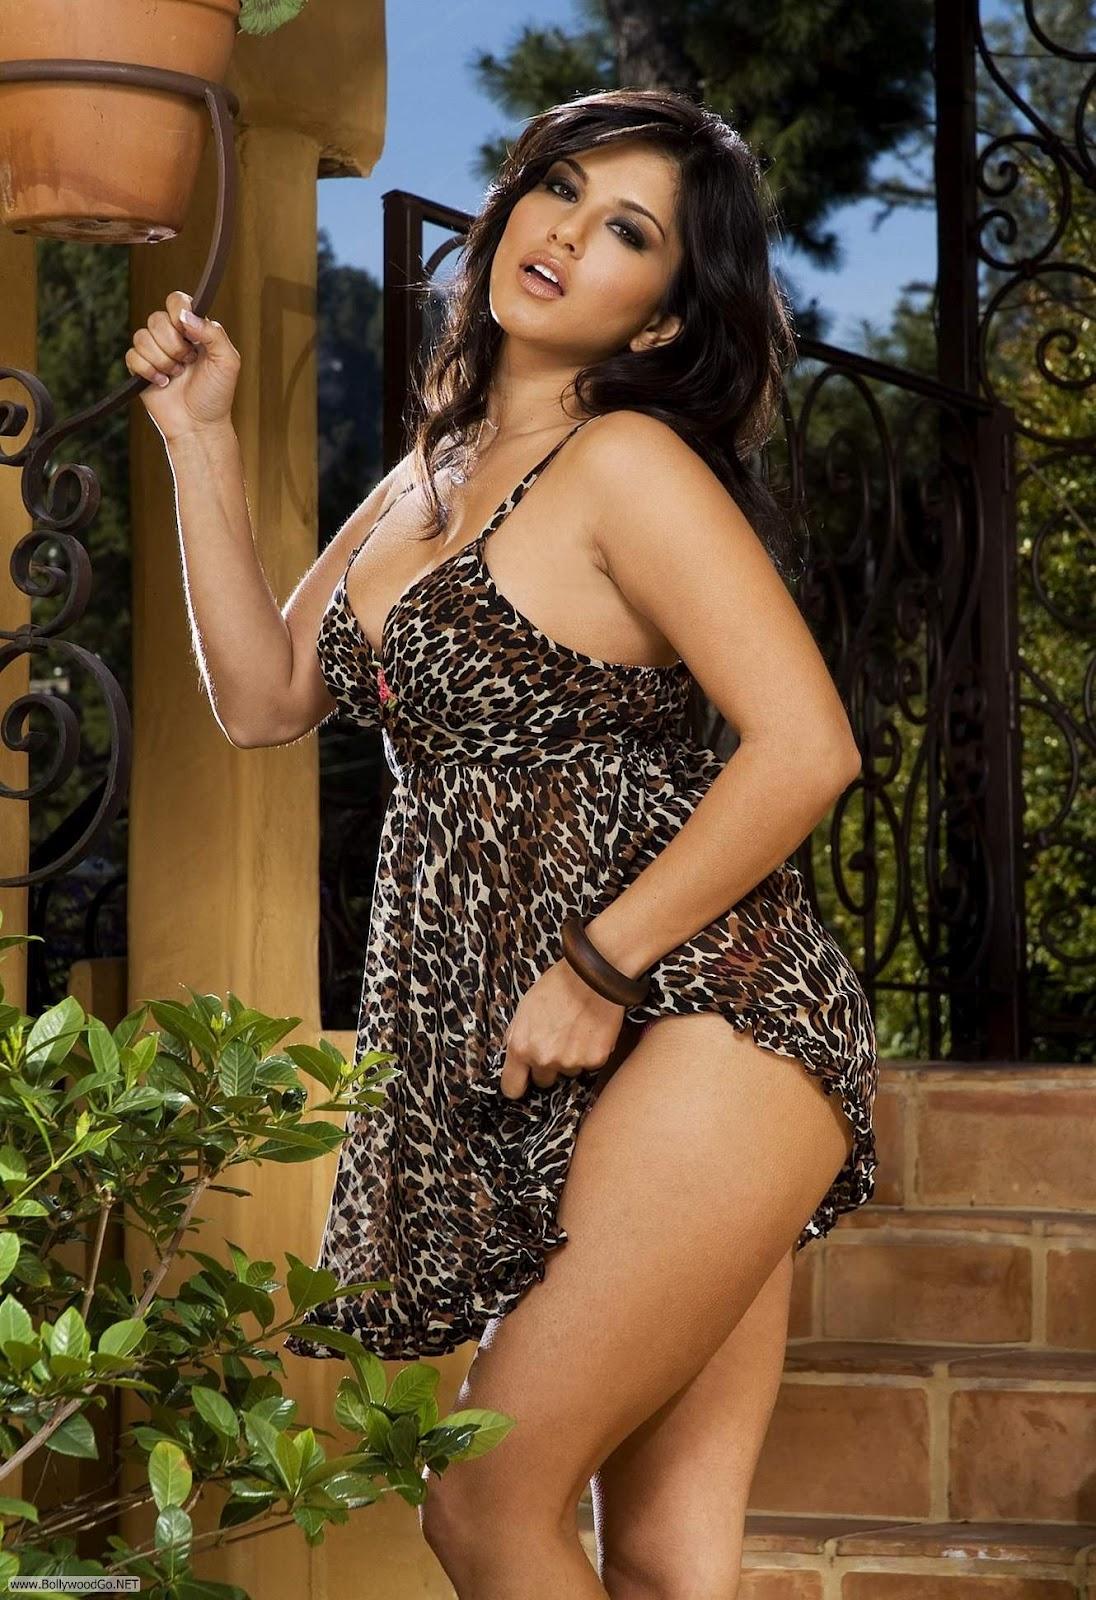 Ae Con Leeun Negro Porno sunny leone hot - sex porn images